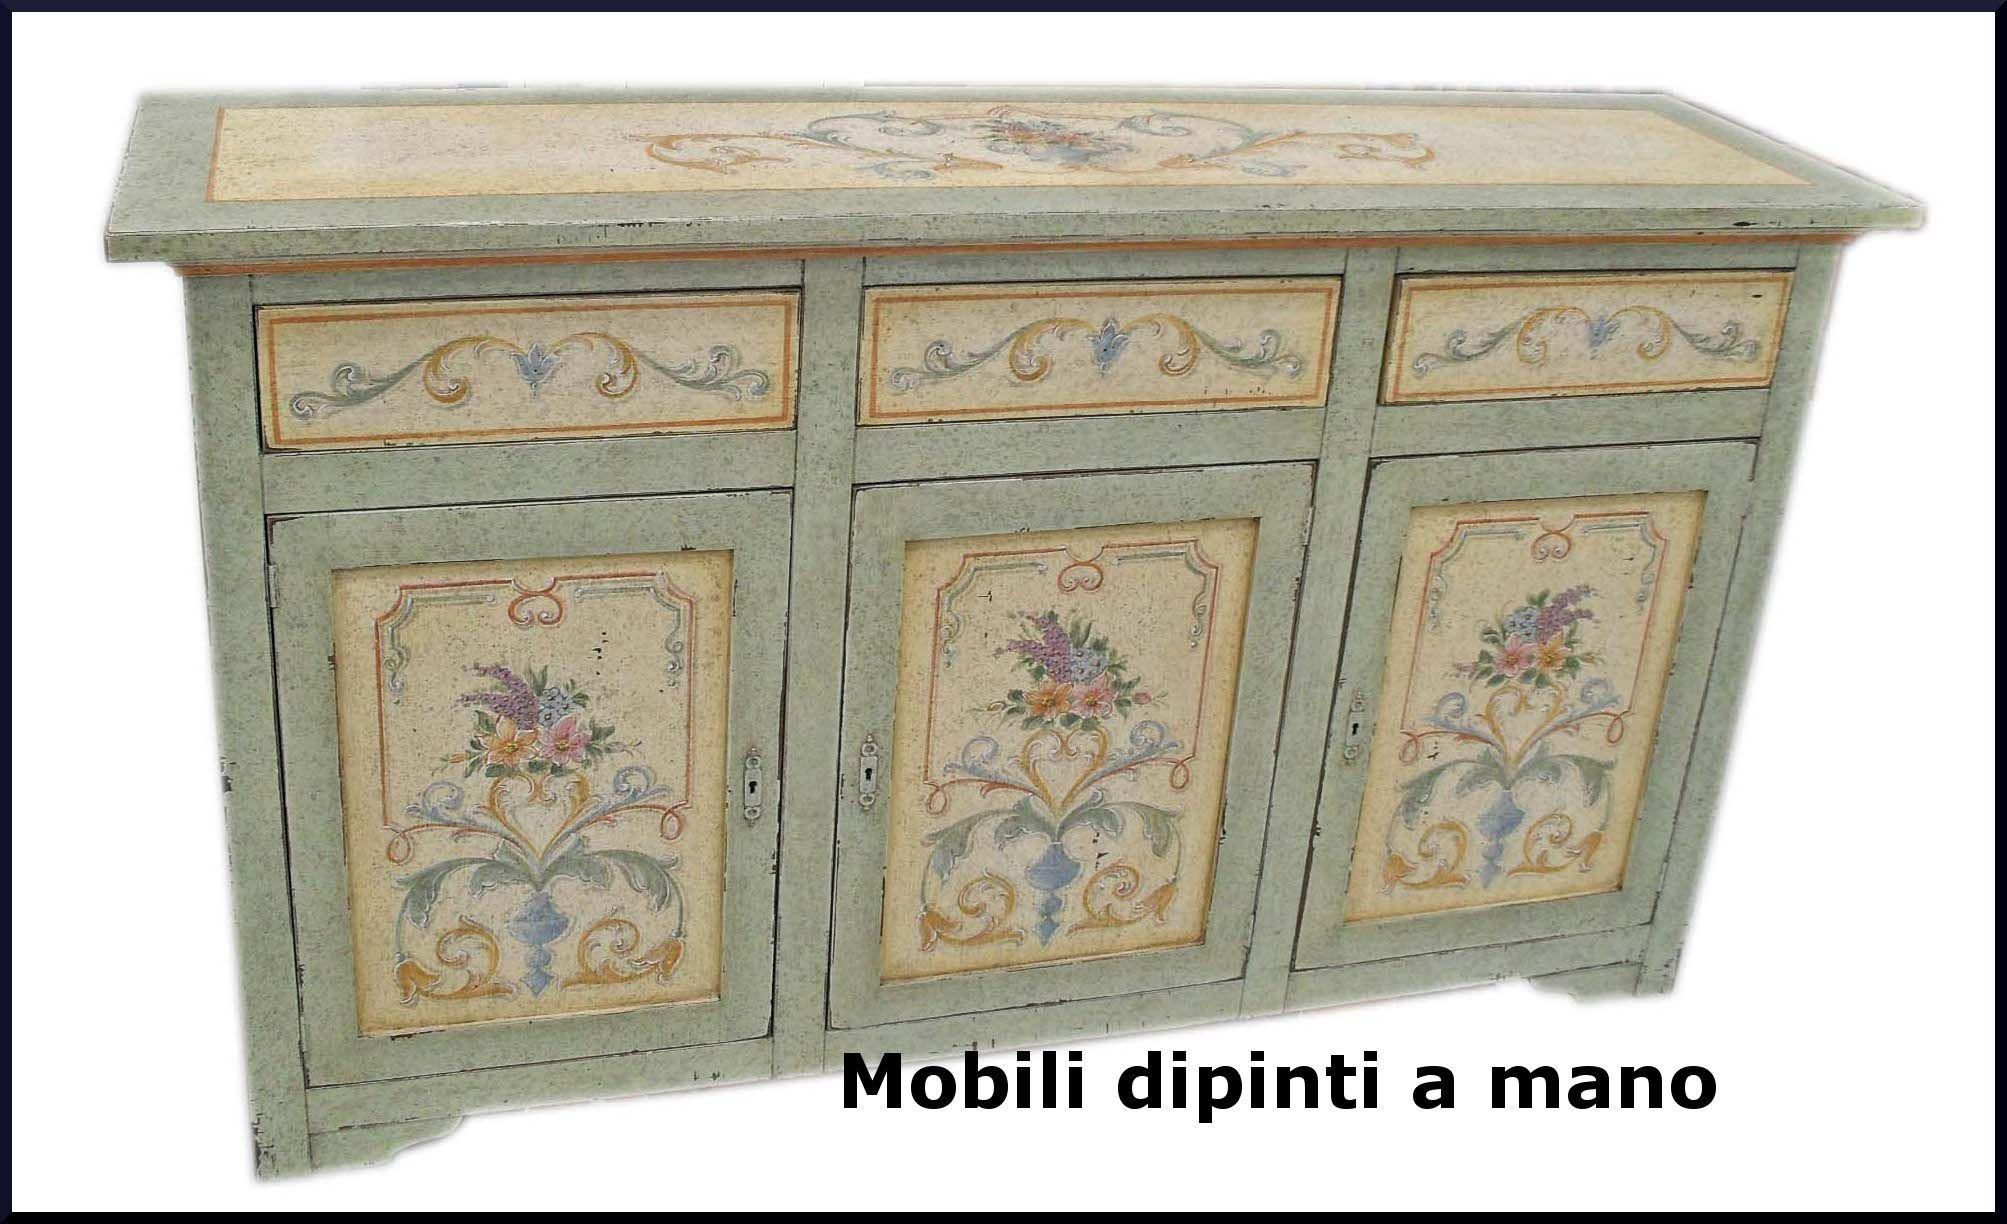 mobili decorati su misura e laccati a mano mobili decorati panca decorata a mano. Pin Su Mobili Dipinti A Mano